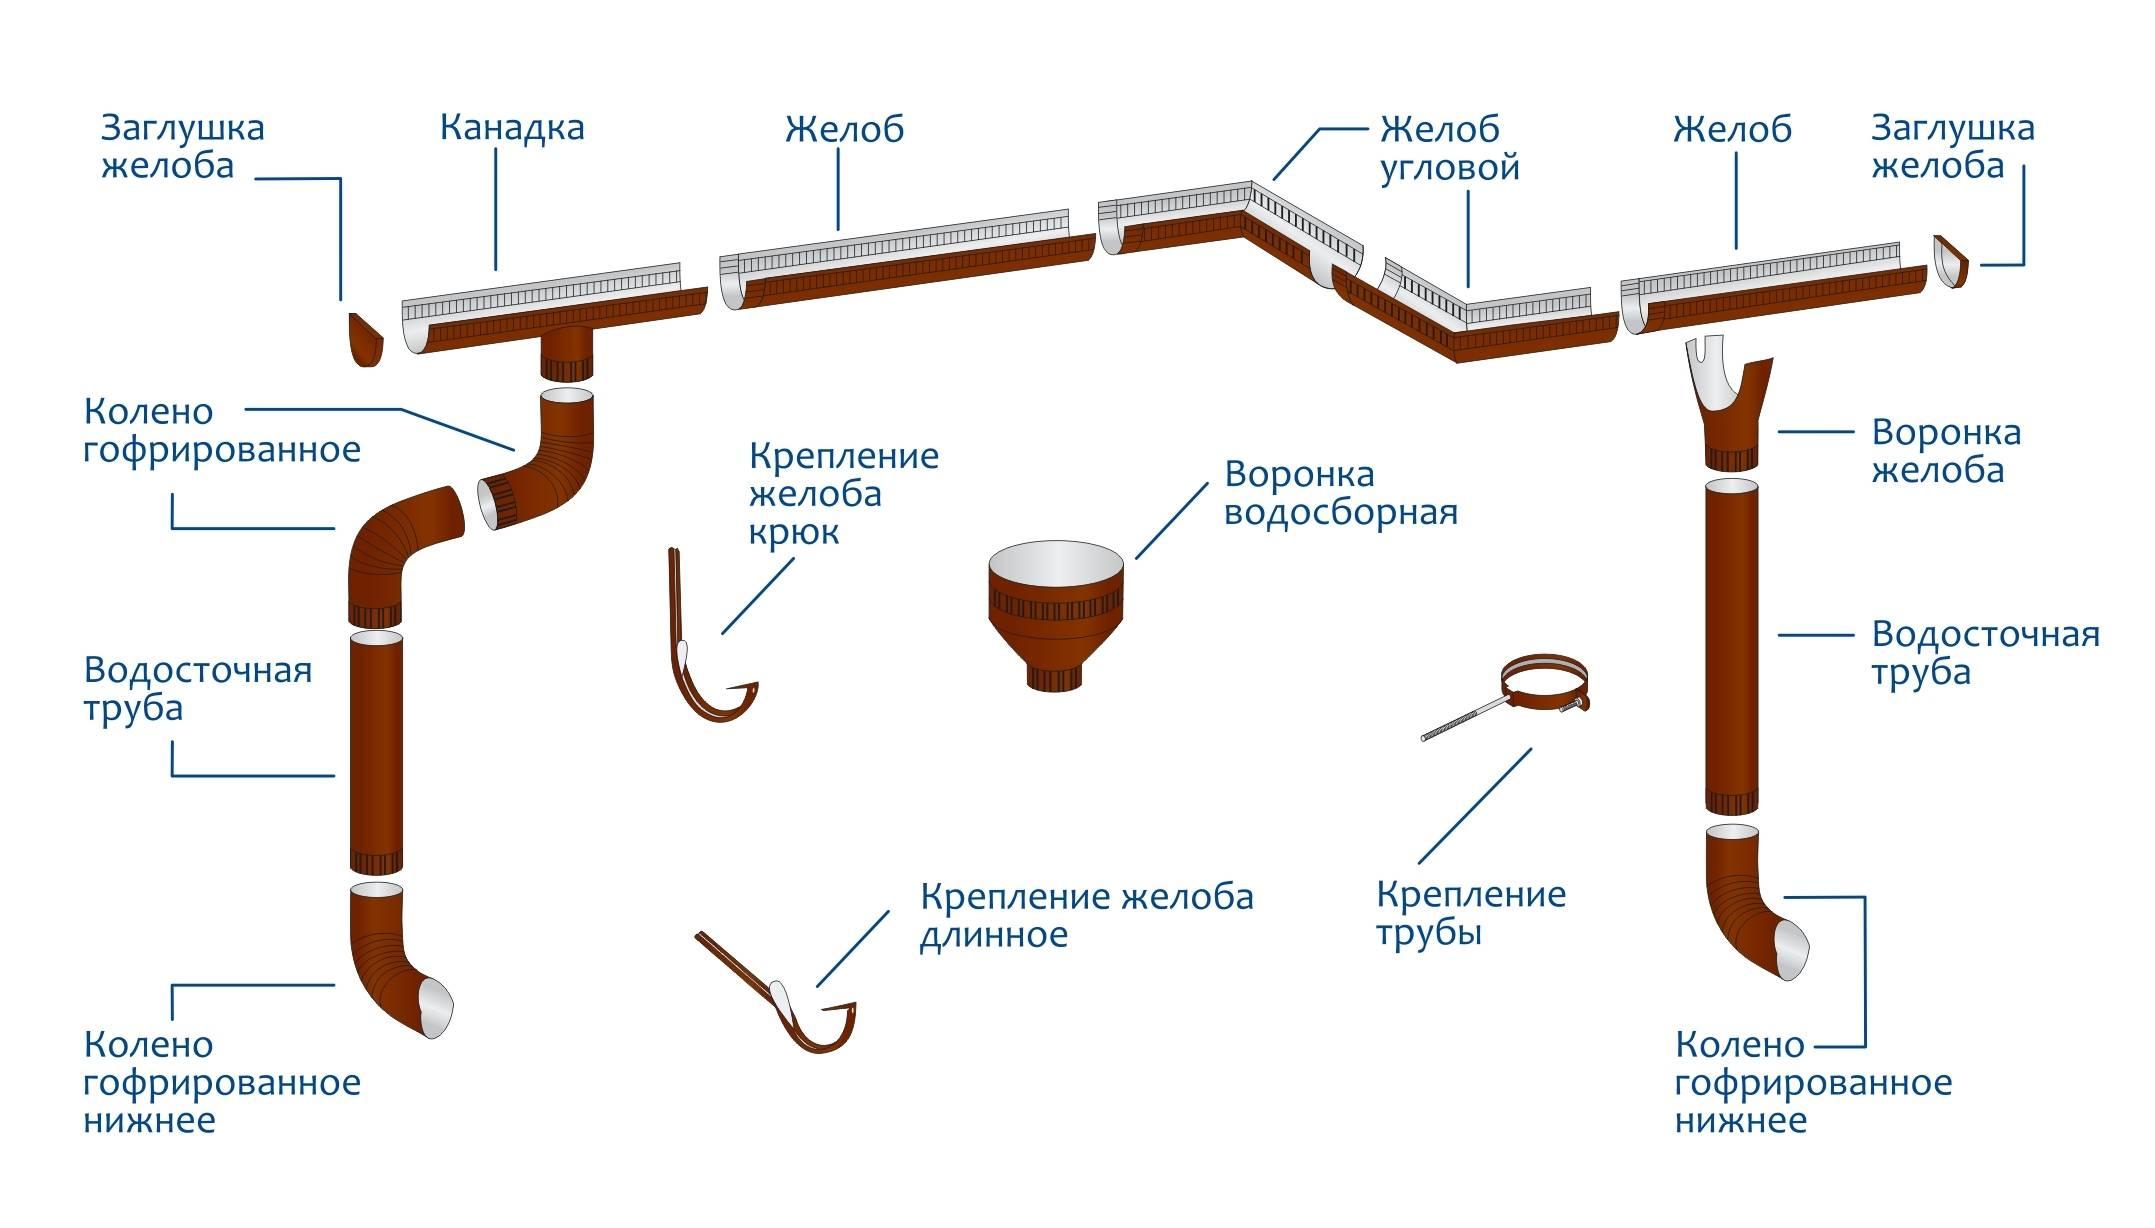 Диаметр водосточной трубы: расчет длины, размеров труб и желобов